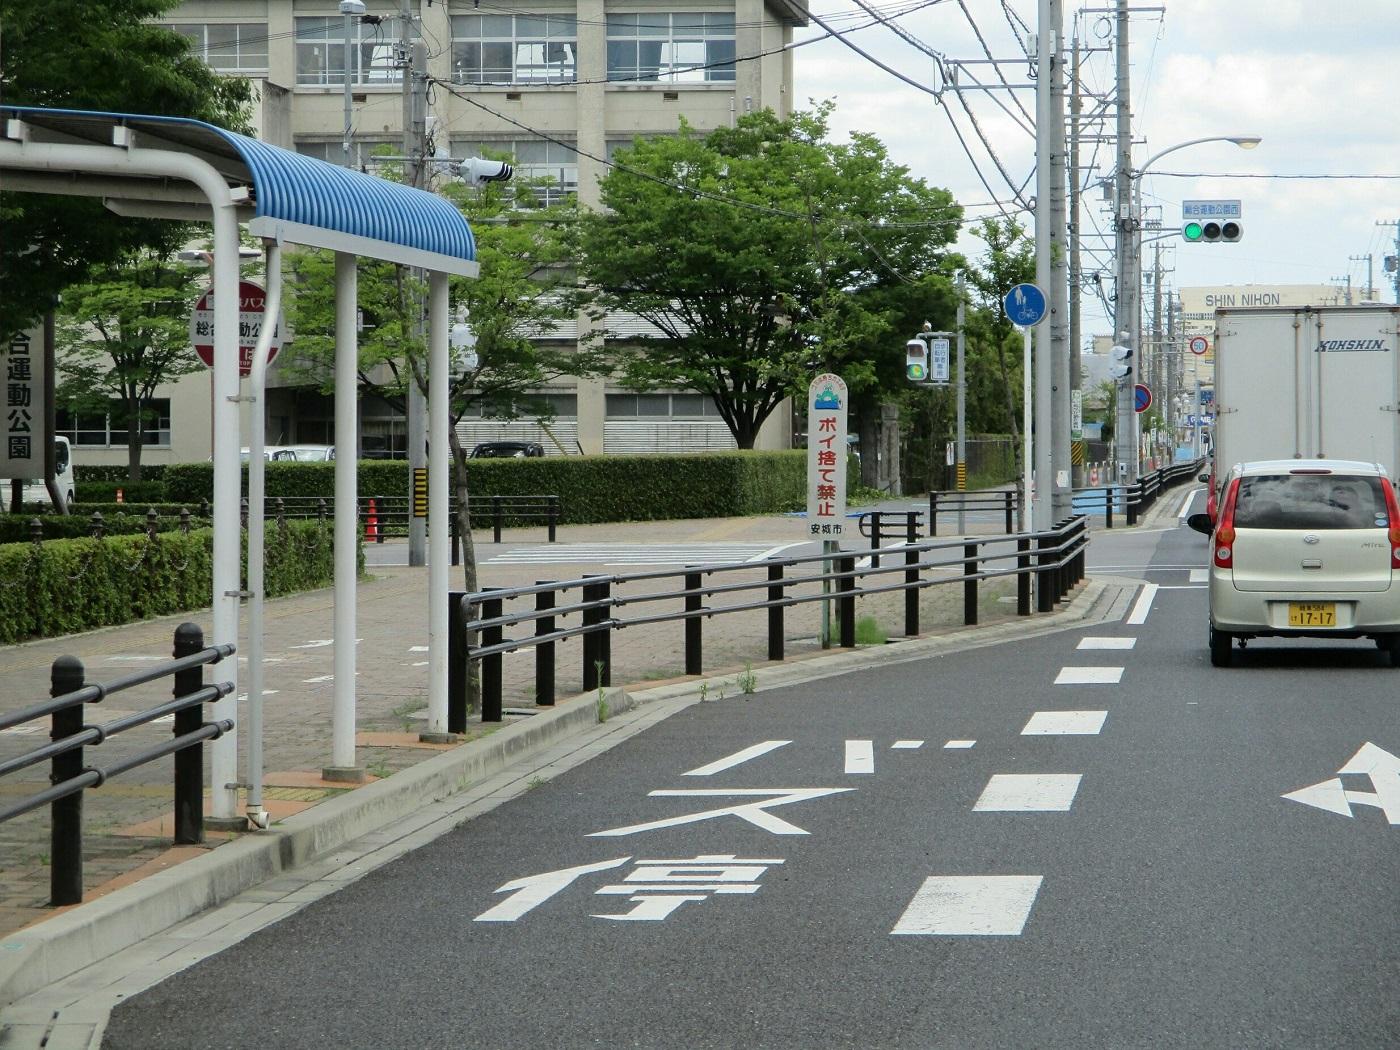 2018.6.12 (4) 更生病院いきバス - 総合運動公園 1400-1050